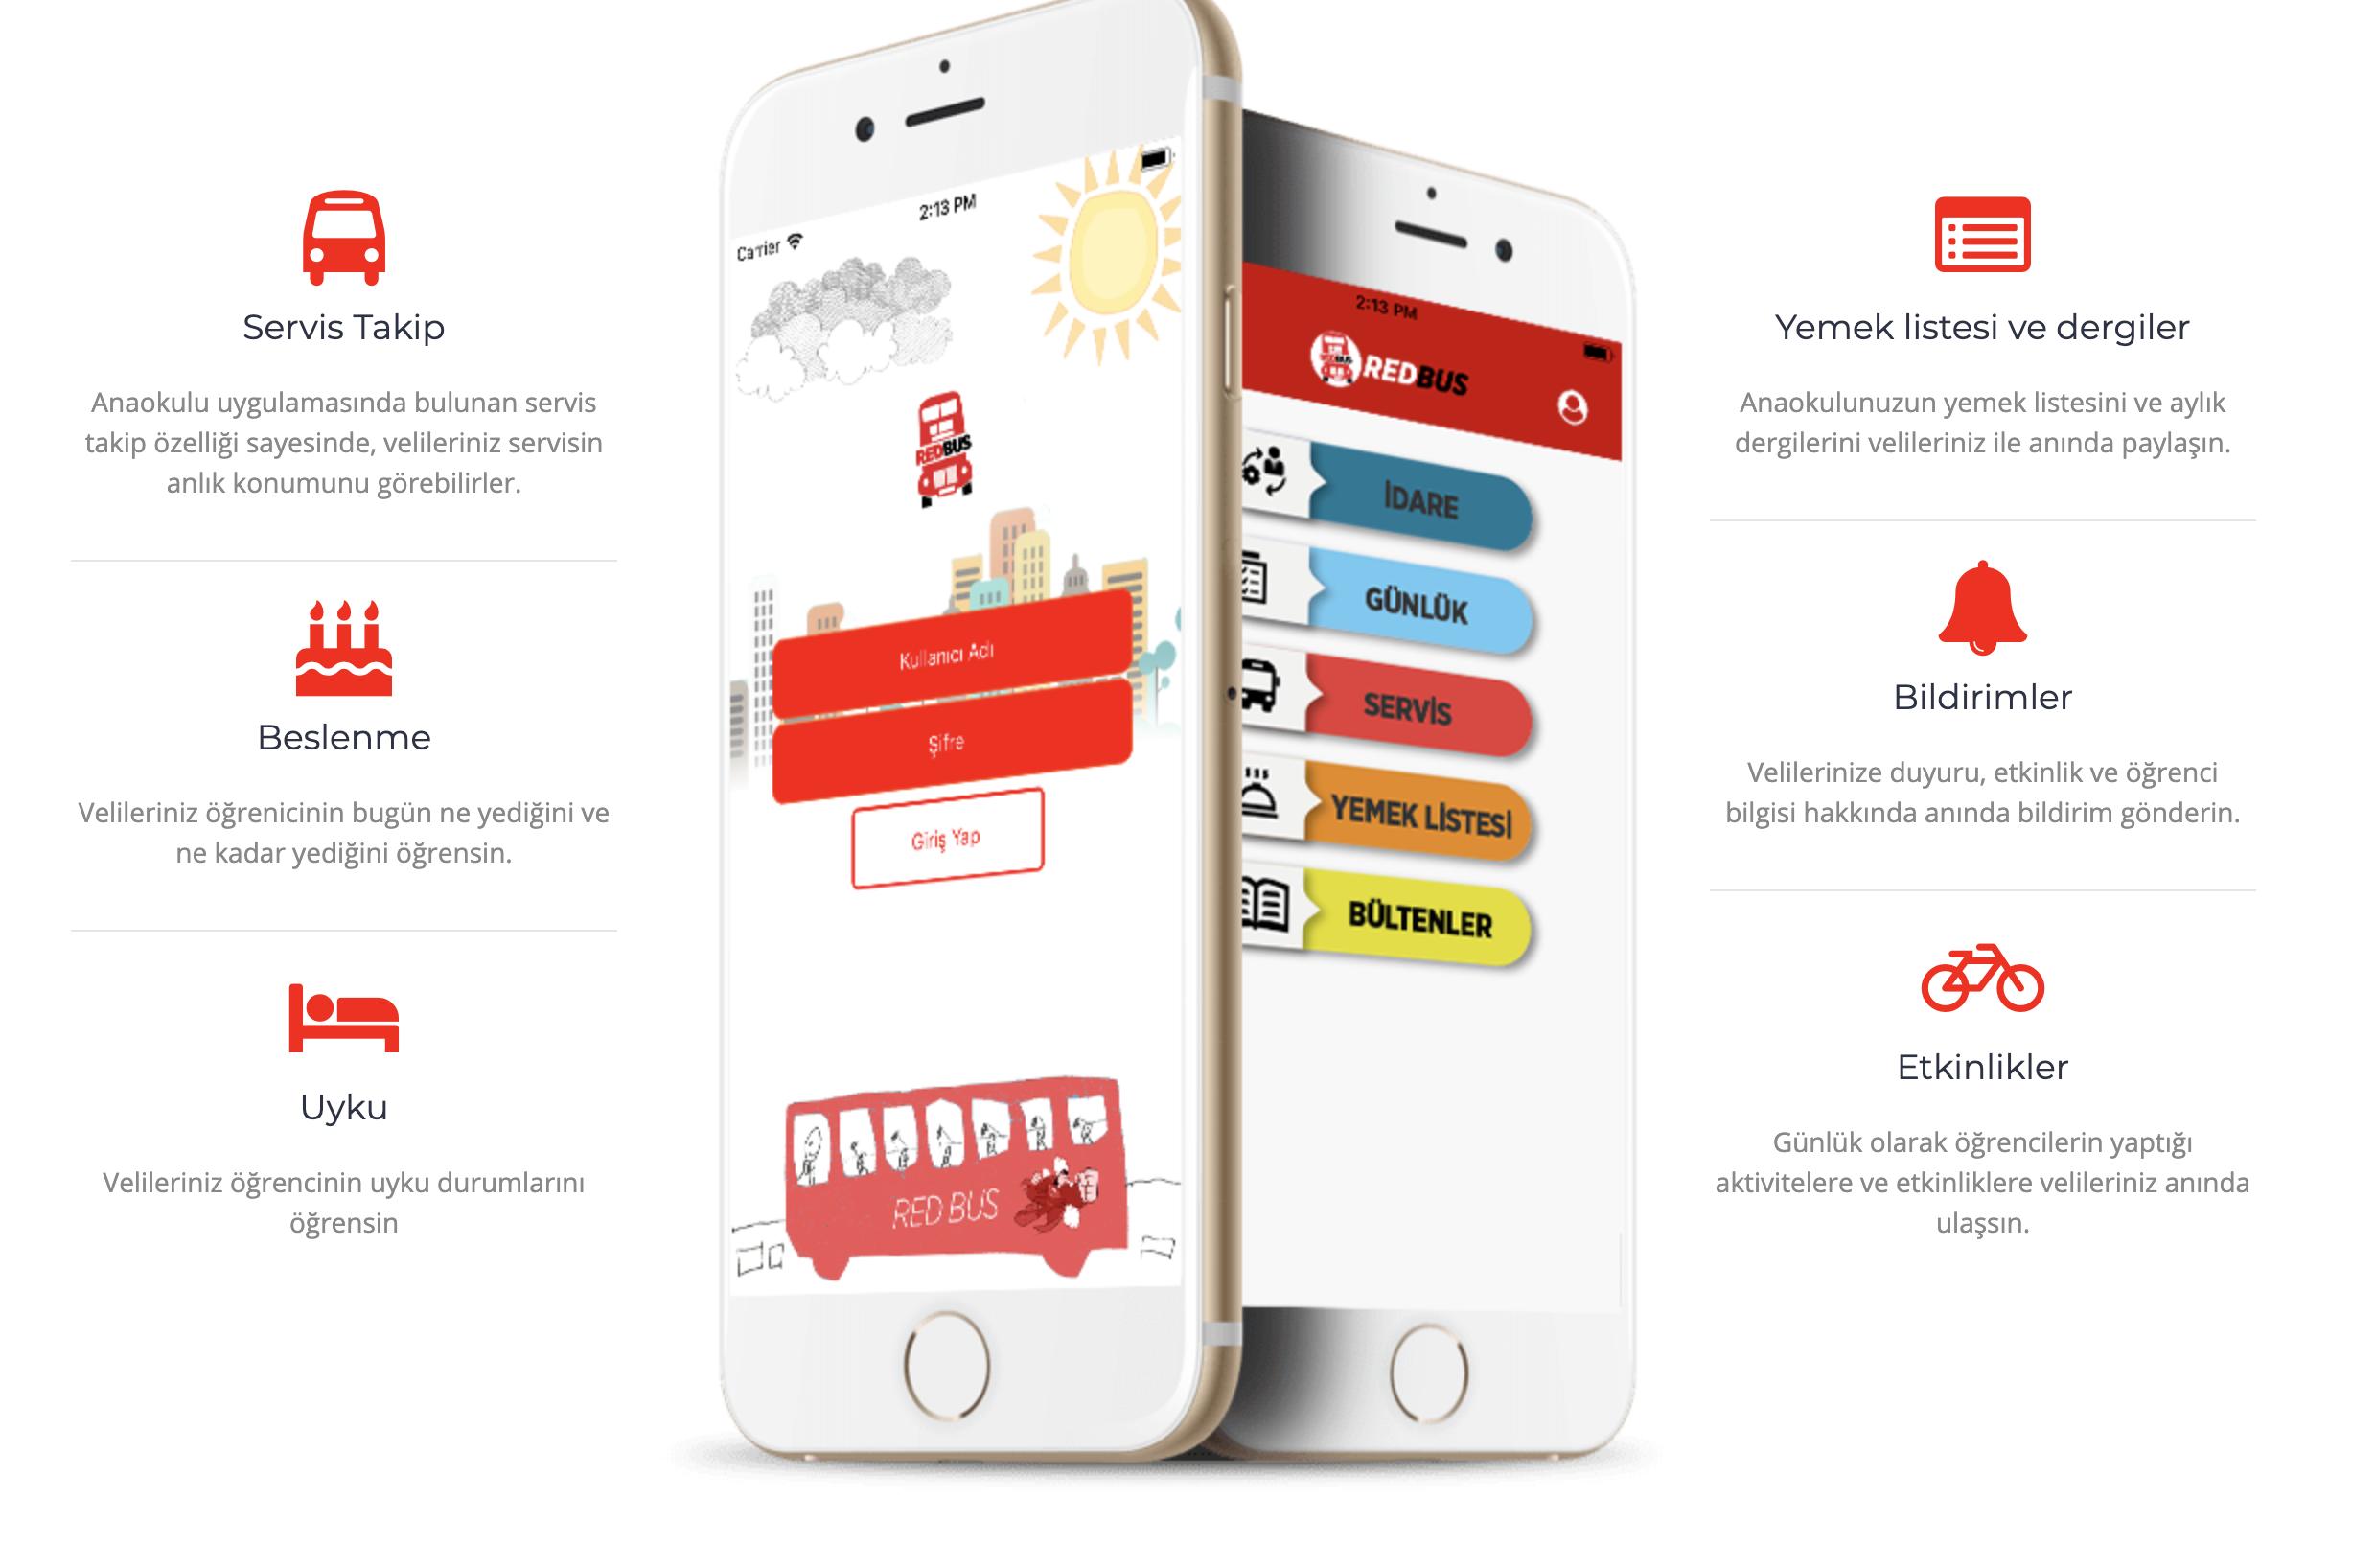 """ANAOKULLARINDA YENİ NESİL İLETİŞİM ARACI: ANAOKULUMCEPTE MOBİL UYGULAMASI    İzmir'de ki Digital Intelligence isimli yazılım & reklam şirketi tarafından, anaokullarında iletişimi kolaylaştırmak için """"Anaokulum Cepte"""" adlı hem android hem IOS uyumlu birmobil… devamını gör •••"""